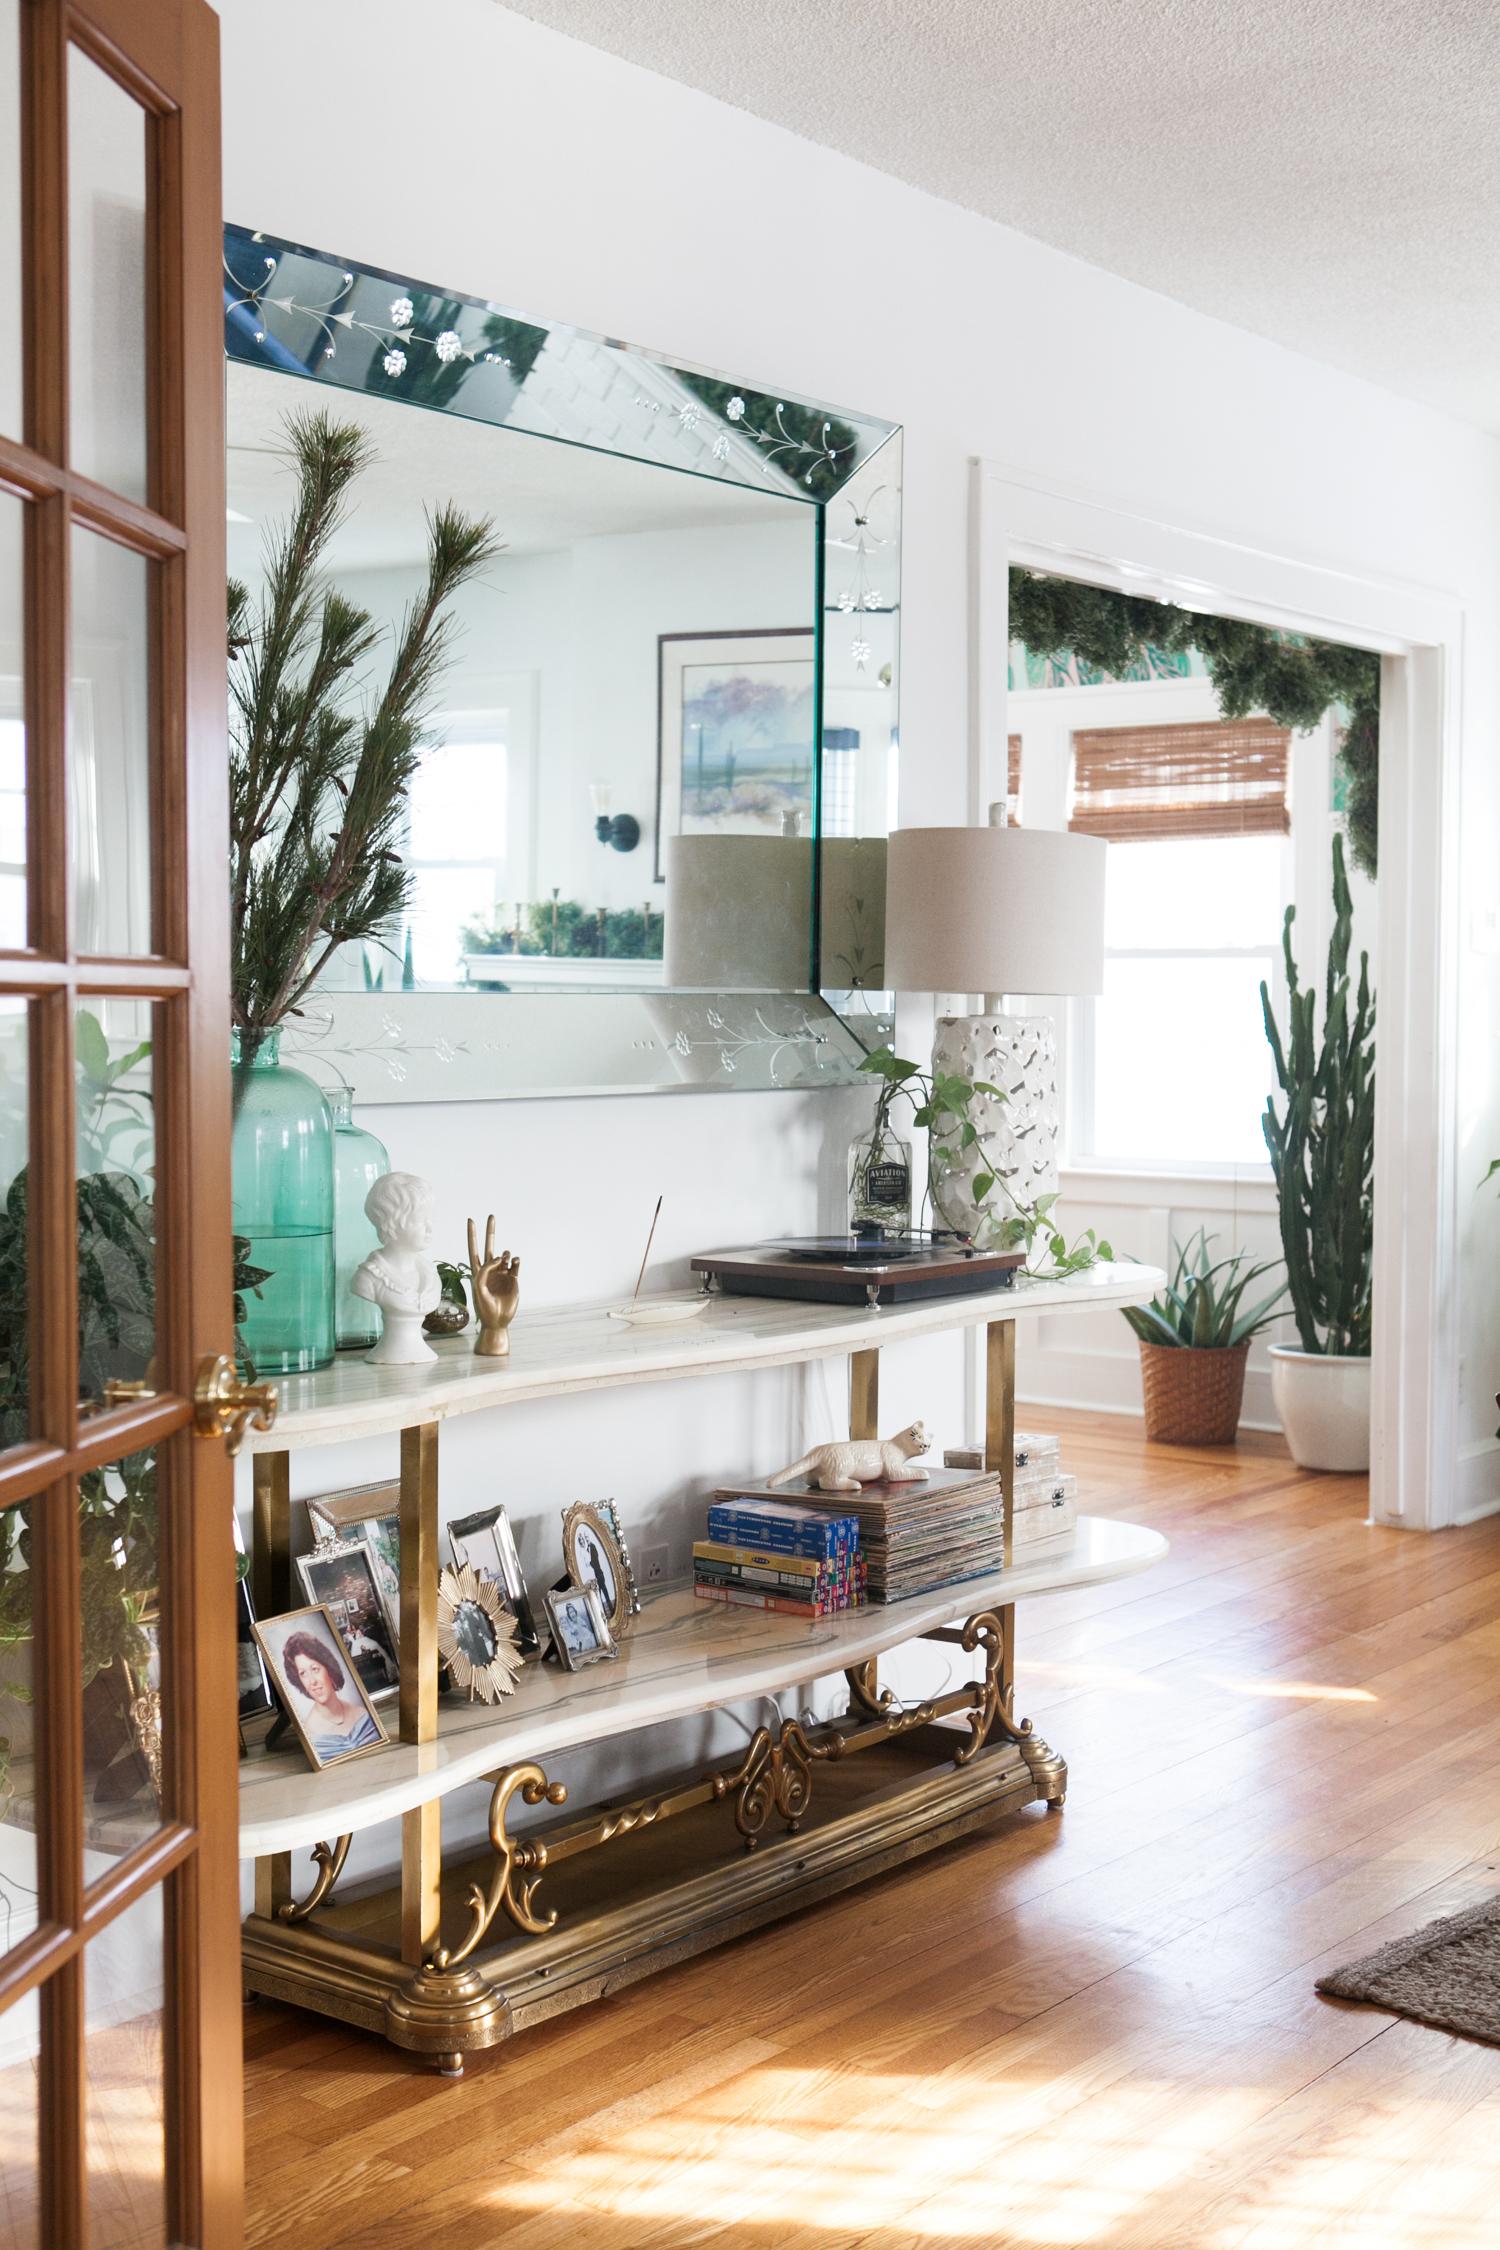 01_LivingRoom-Stylemutt-Home-Tour-Jessica-Brigham.jpg